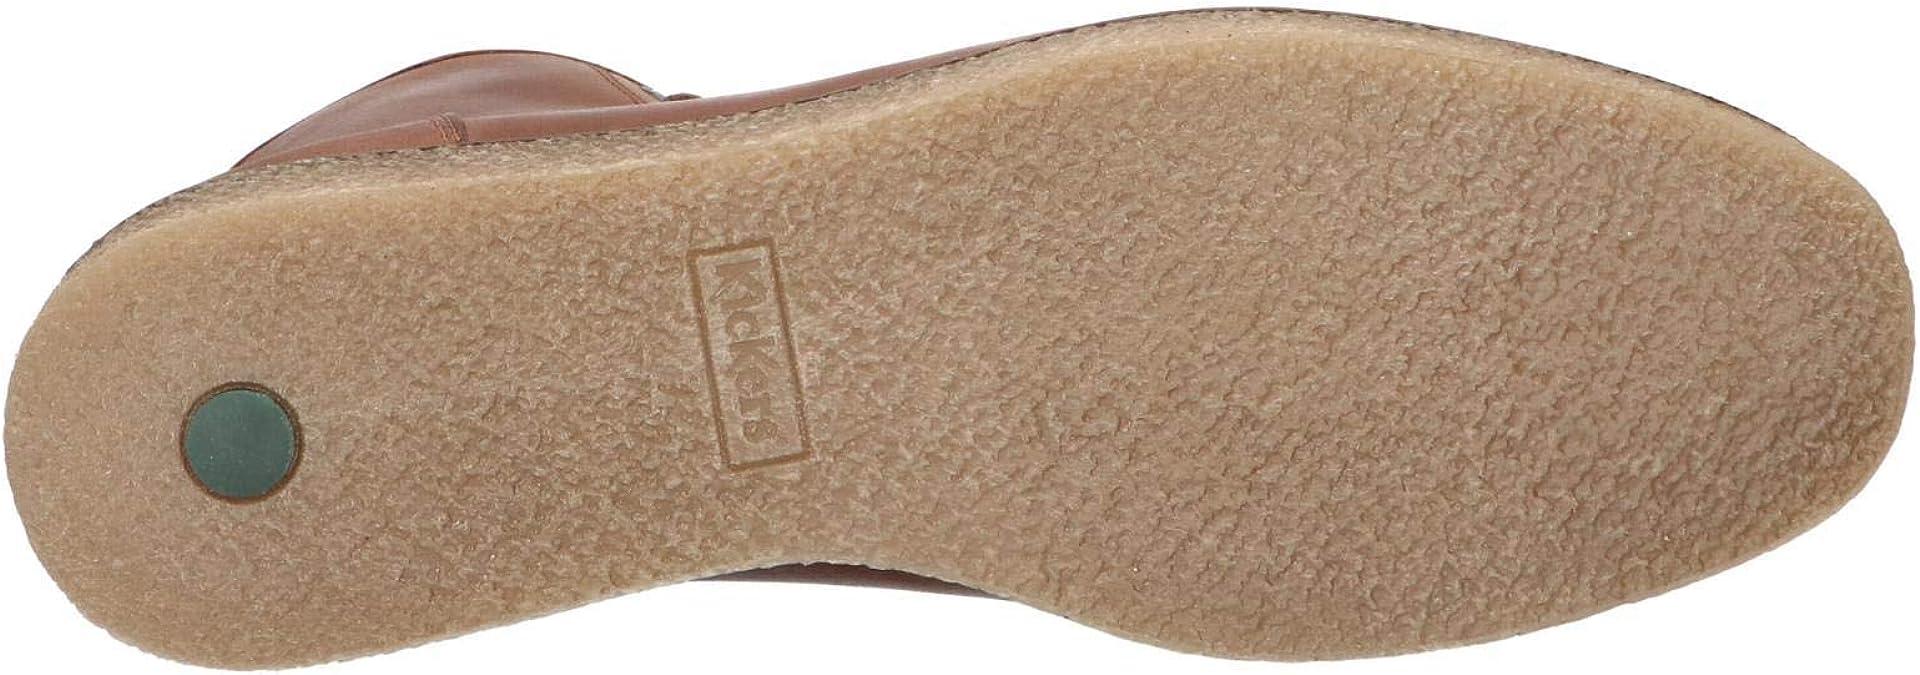 Kickers Boots für Damen 73664050 ZENZOU 9 Marron Schuhgröße 40